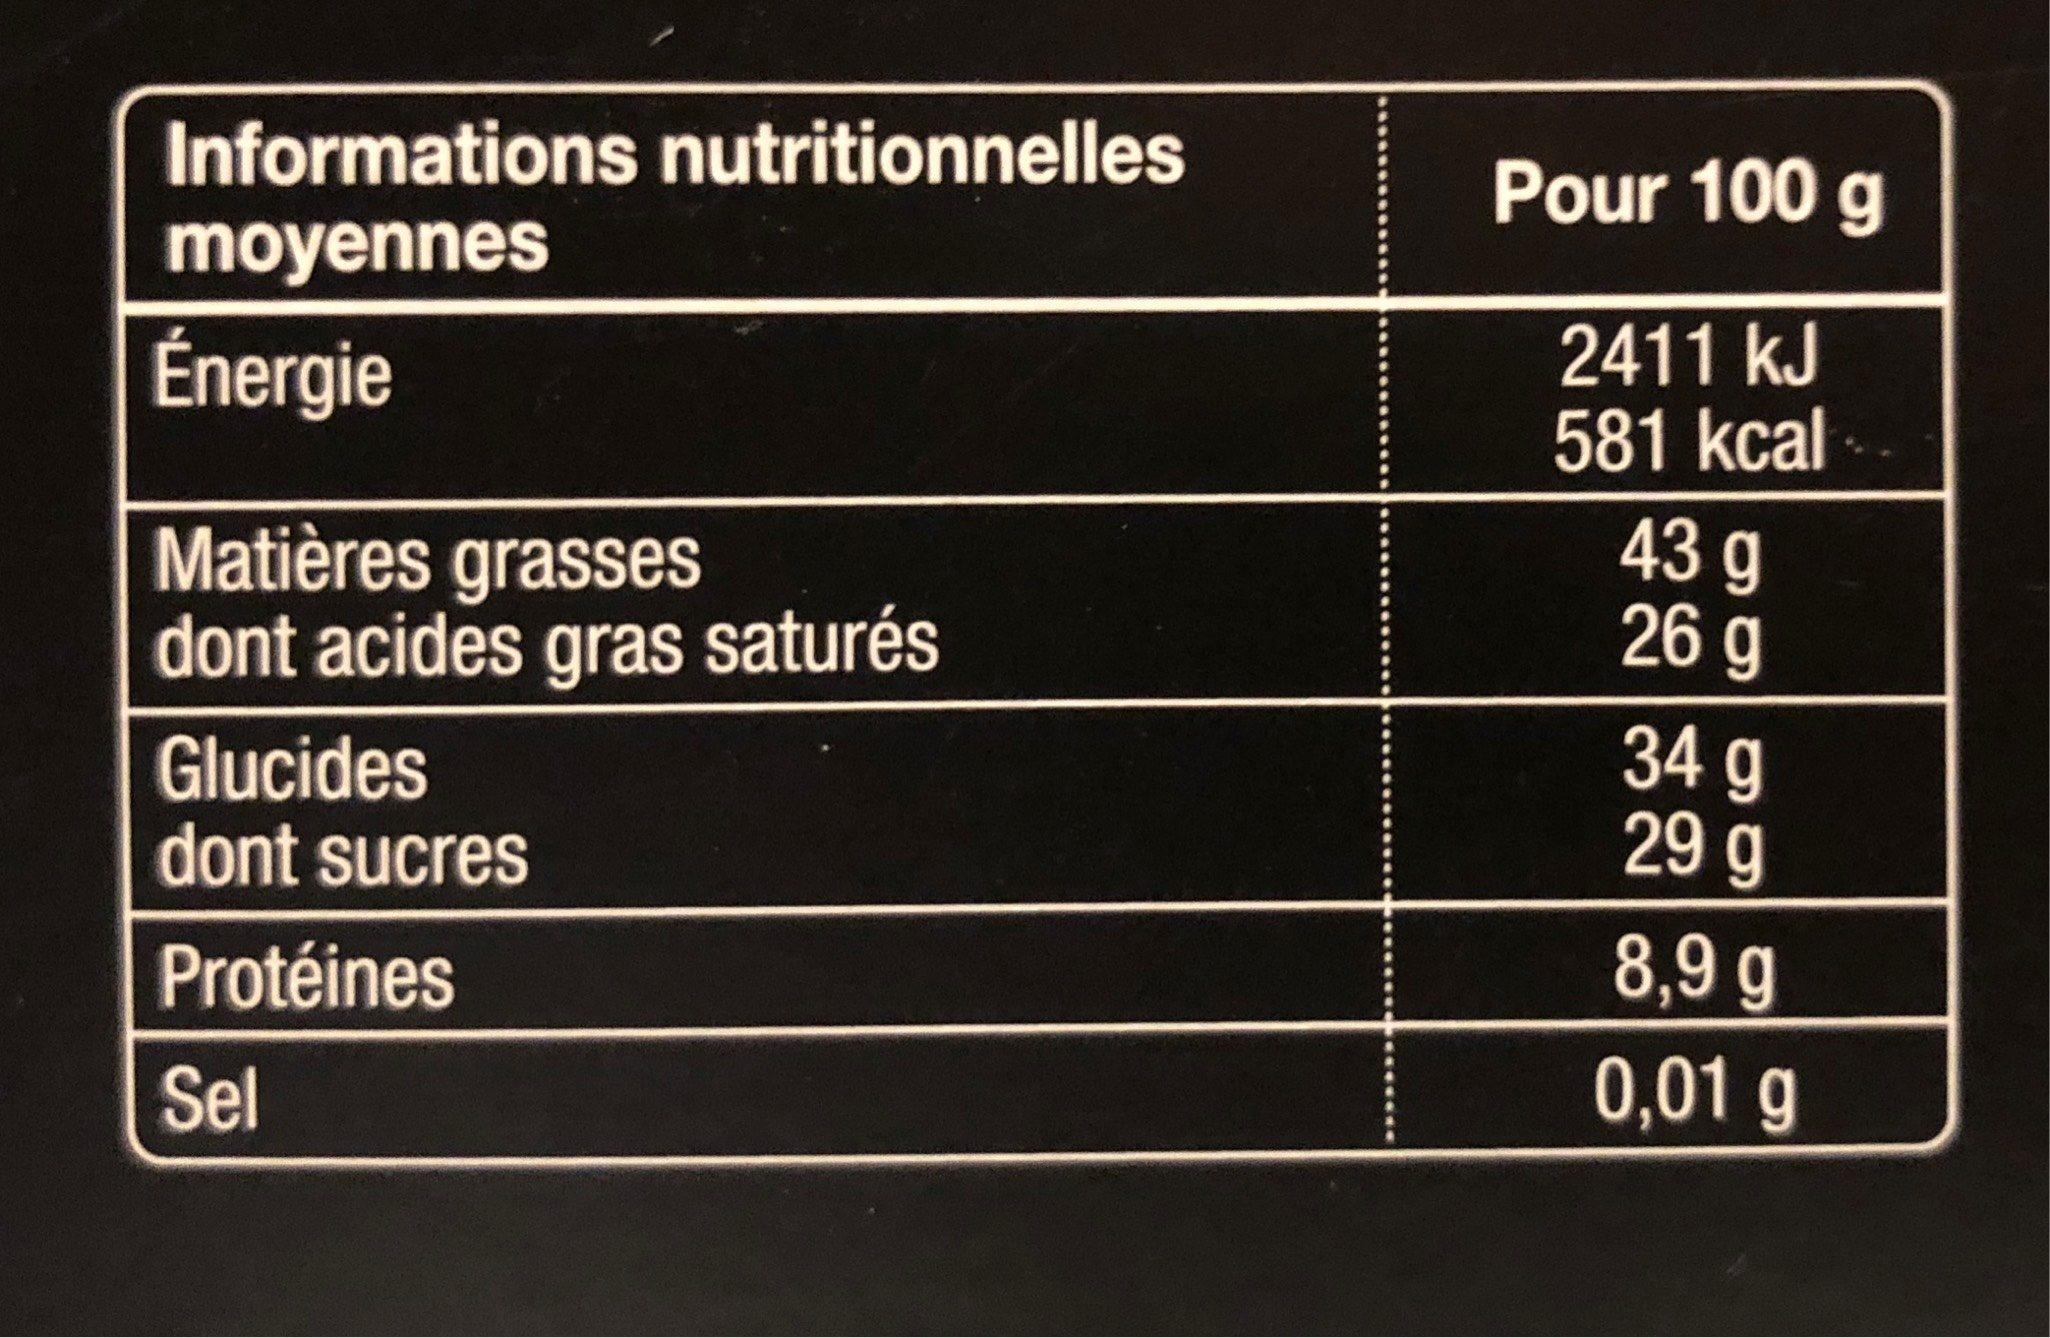 Decouverte grands cacaos - Informations nutritionnelles - fr